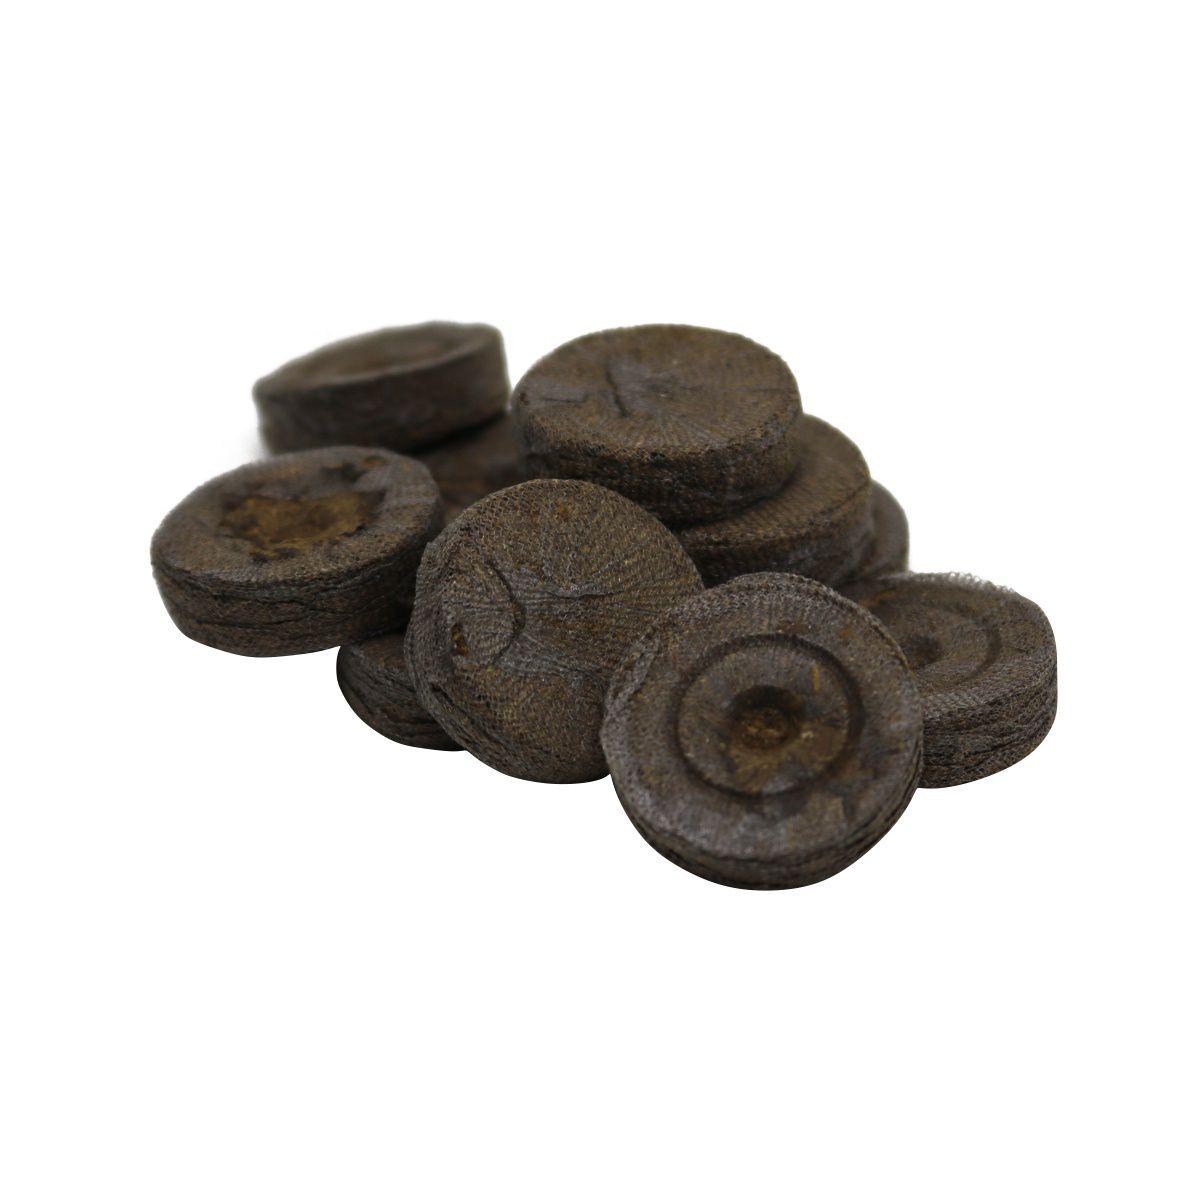 Célula de Germinação Jiffy Pellet 30mm x 40mm kit com 10 unidades